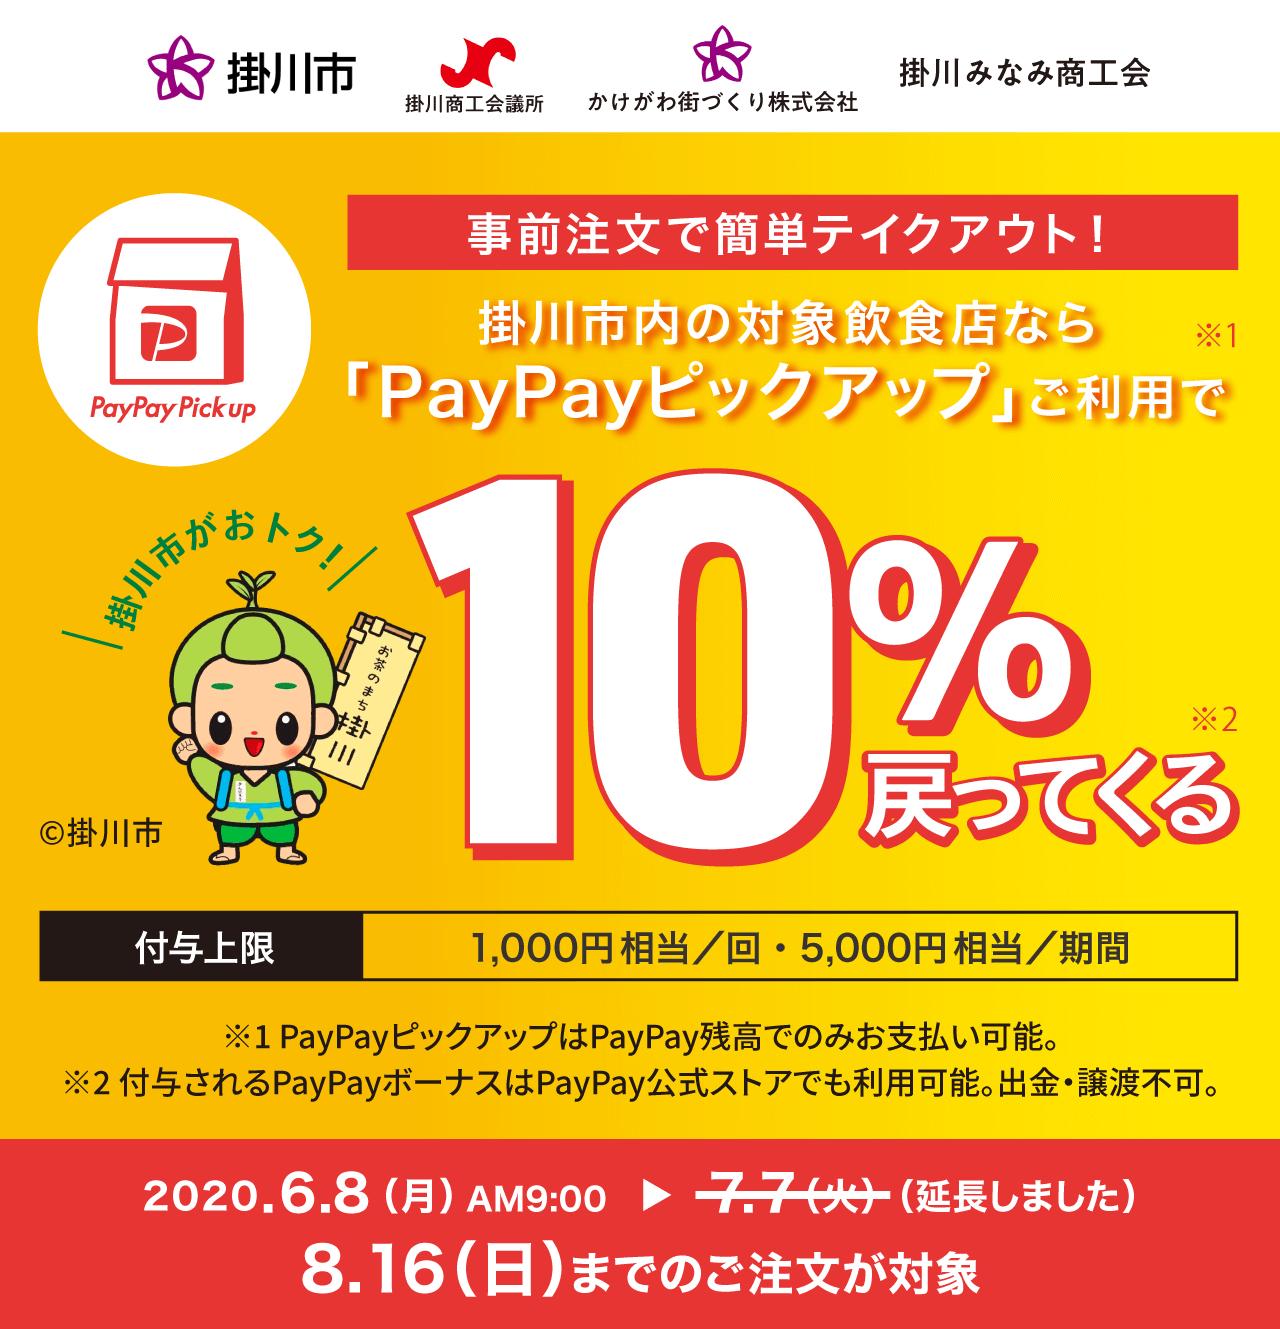 掛川市内の対象飲食店なら「PayPayピックアップ」ご利用で 10%戻ってくる